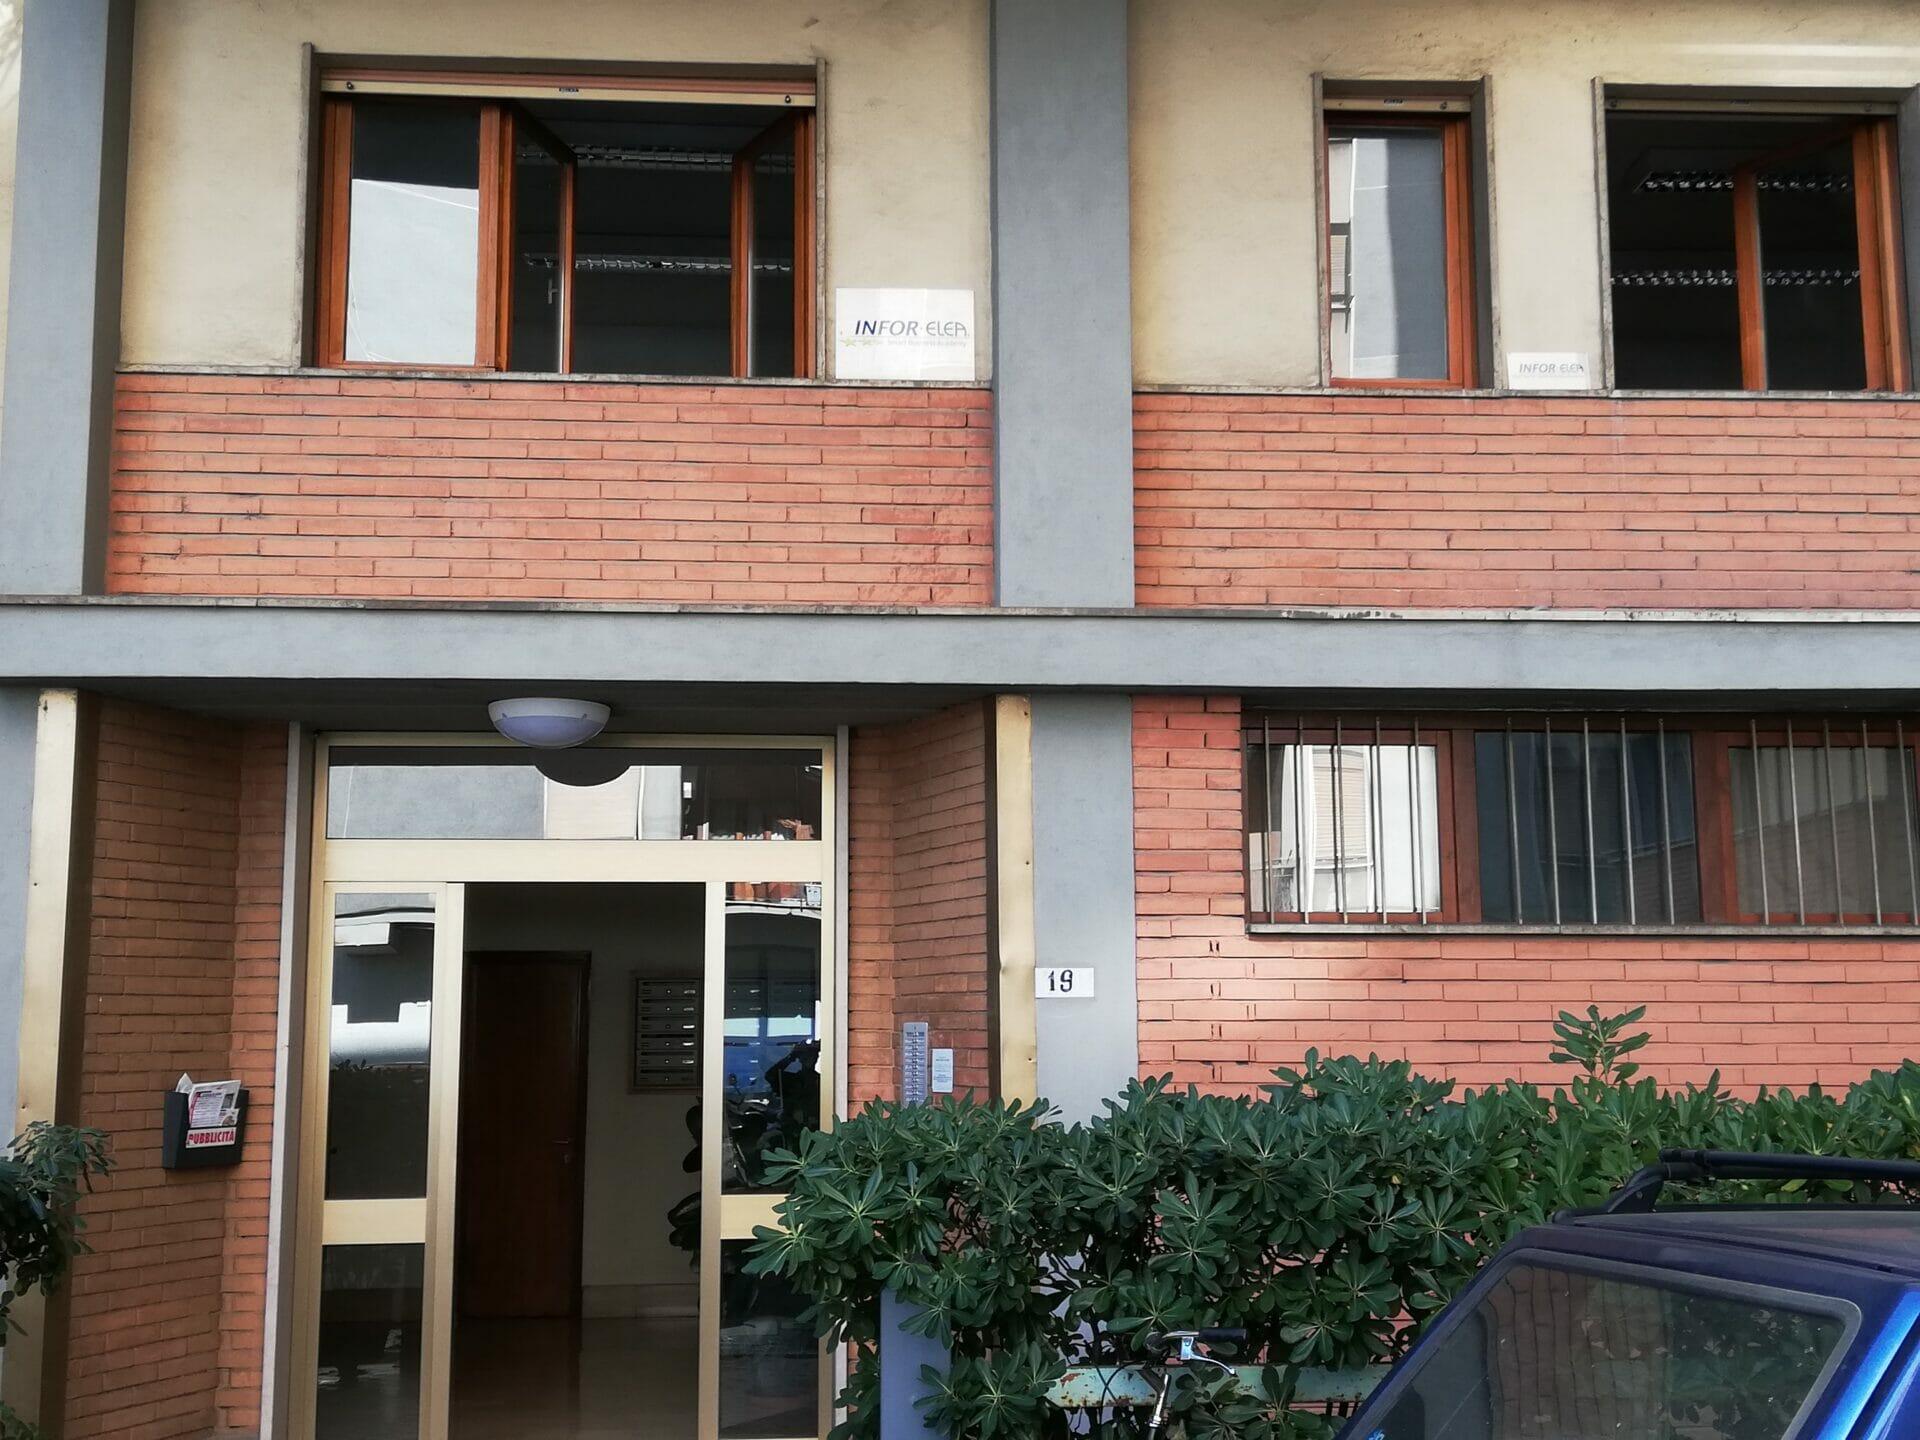 Firenze – Via Antonio Stradivari 19